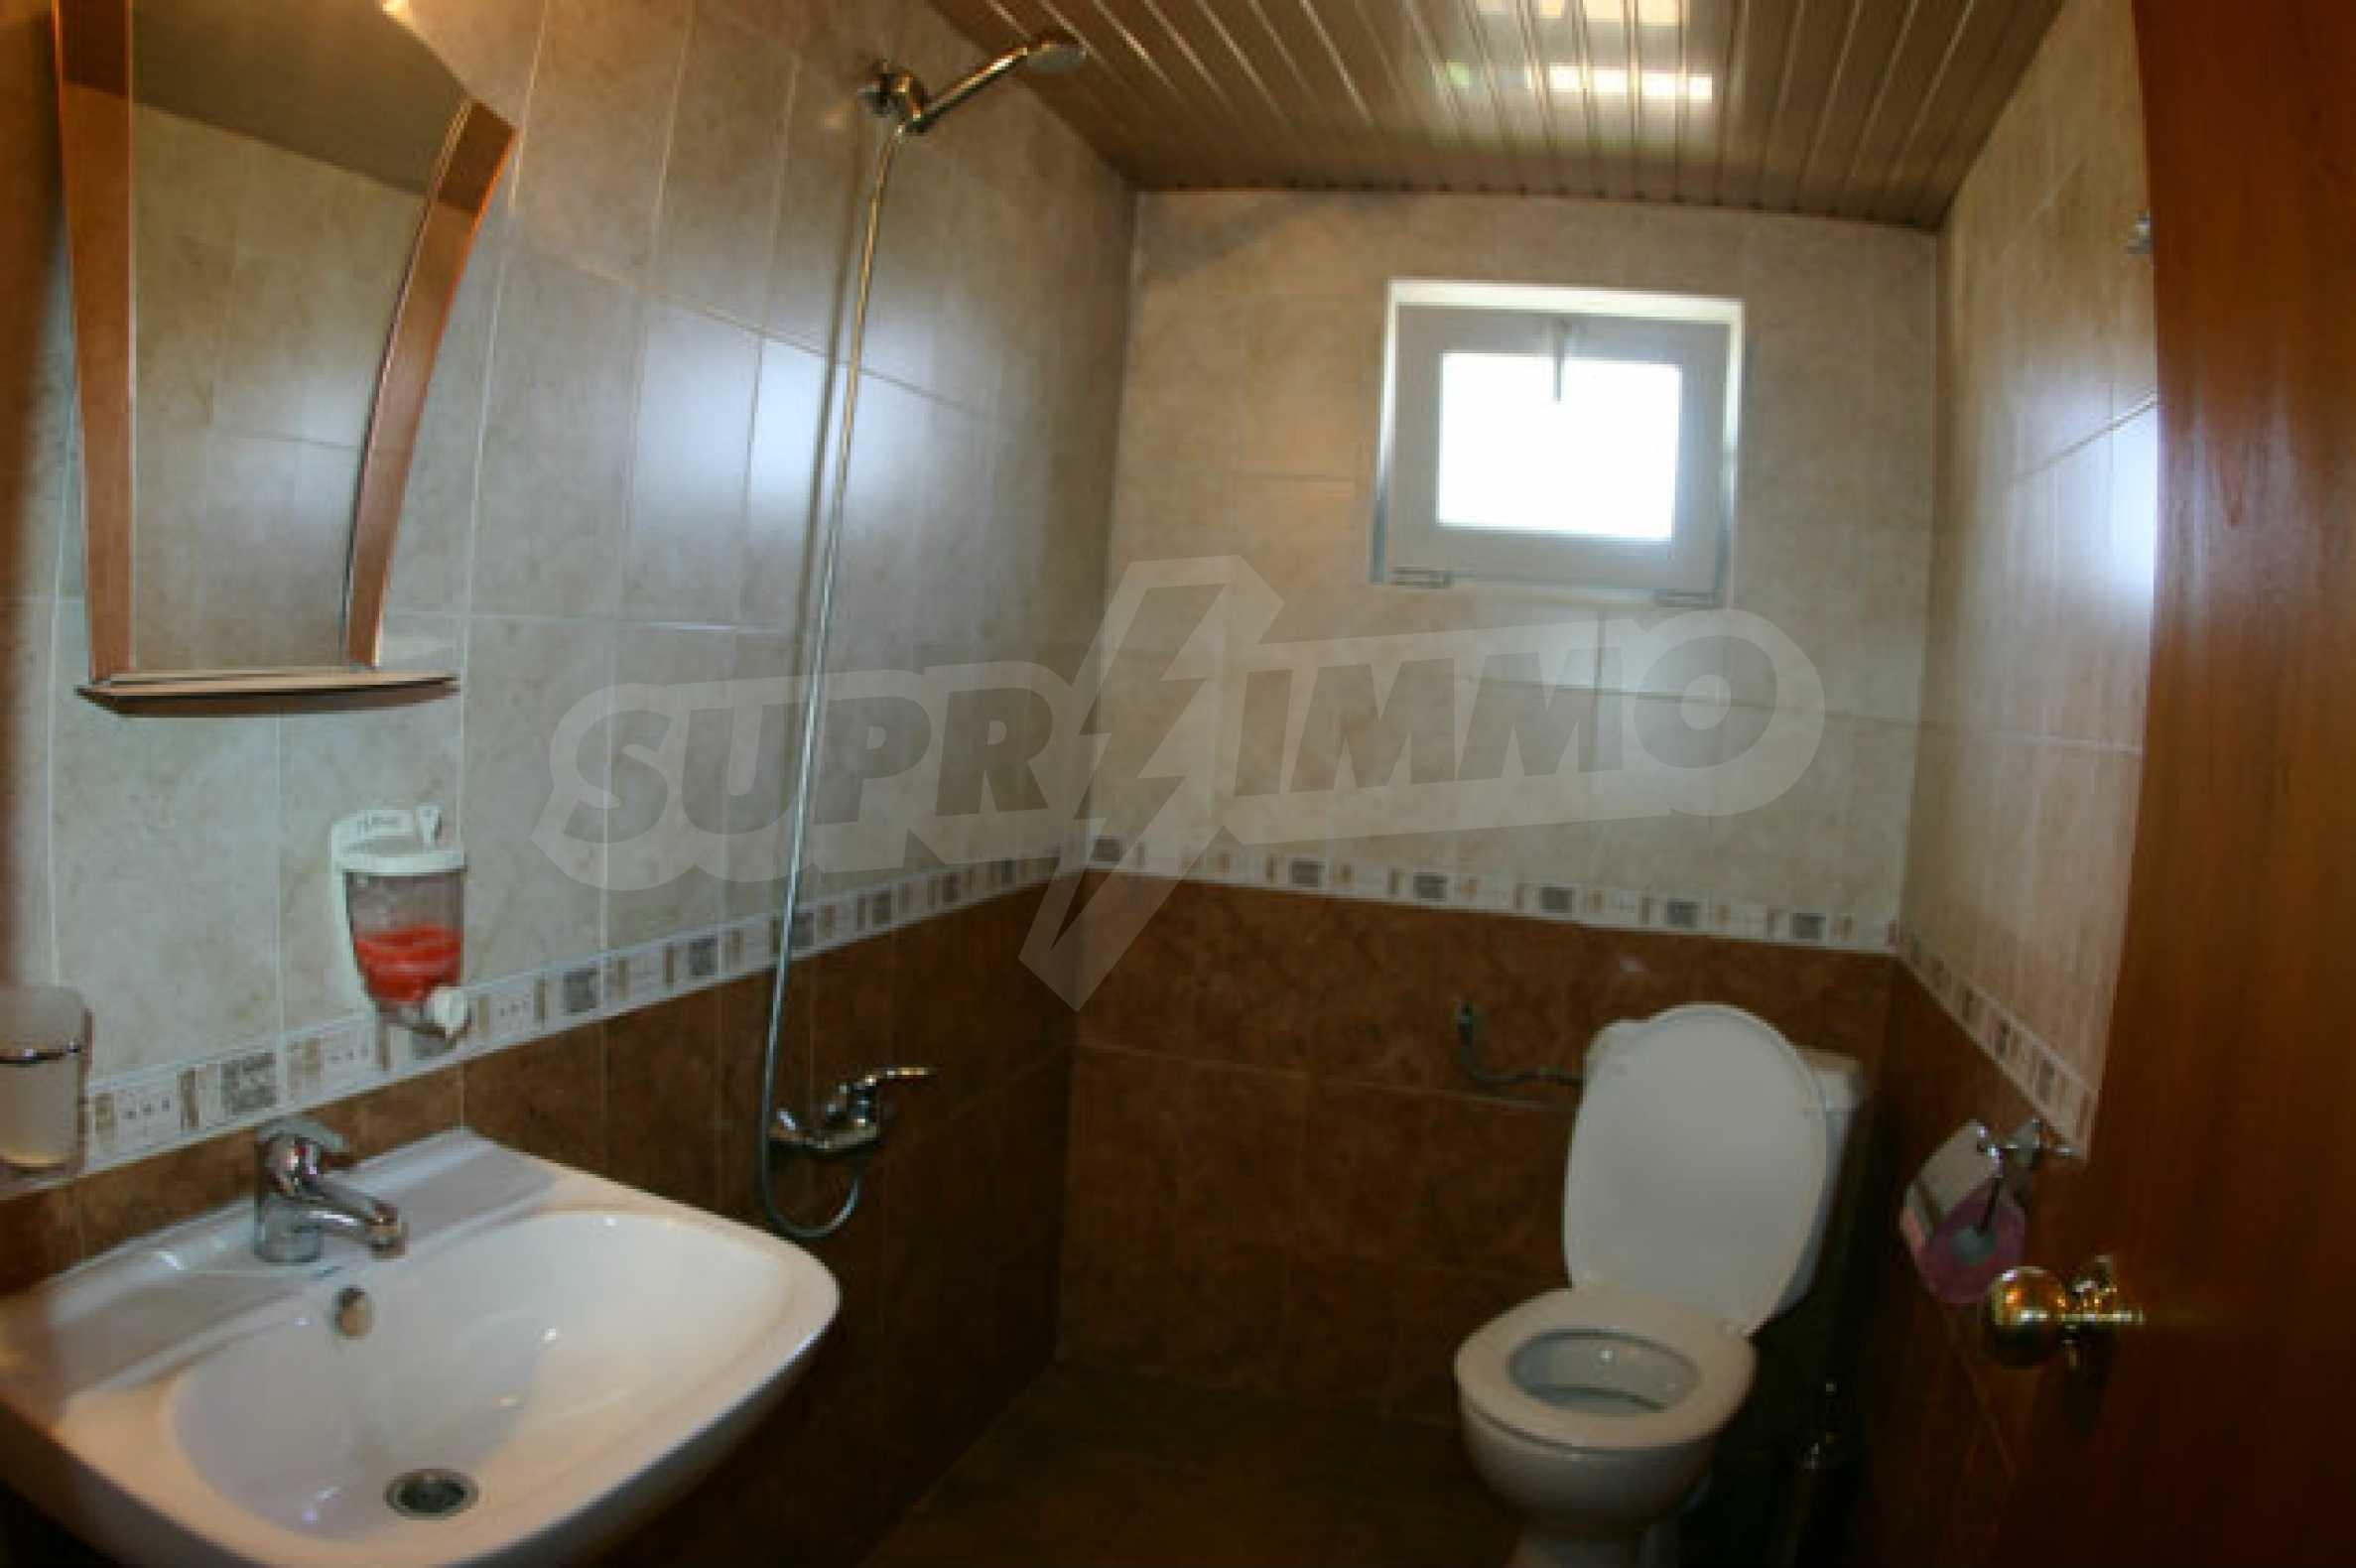 Familienhotel zum Verkauf in Dobrinischte, 6 km von Bansko entfernt 33